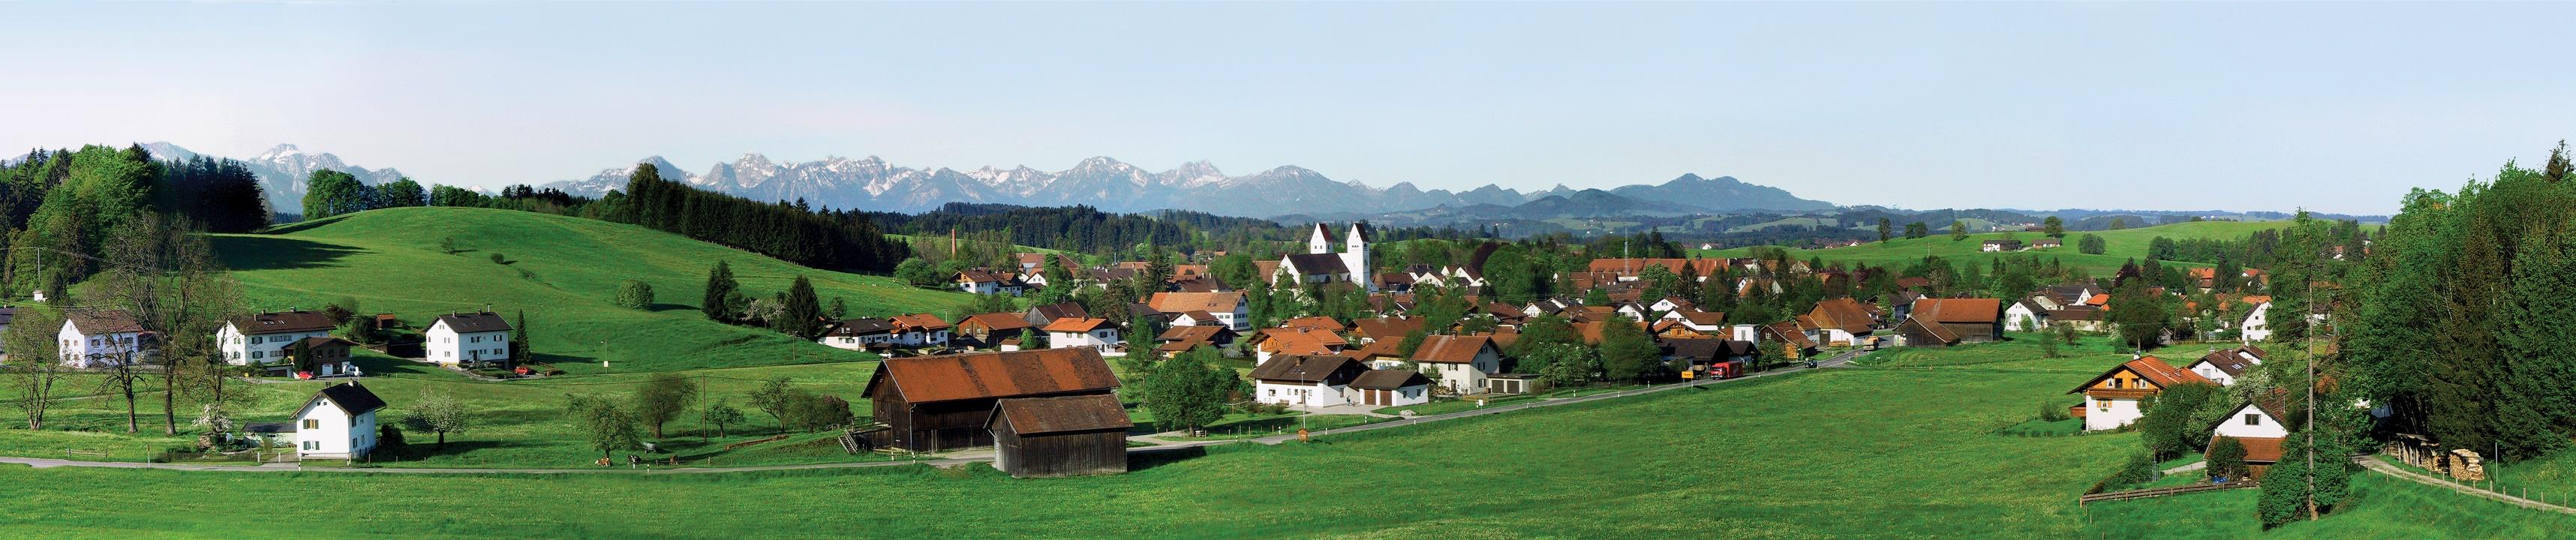 Herrliches Panorama in Steingaden vor den Alpen (Andreas Klausmann)